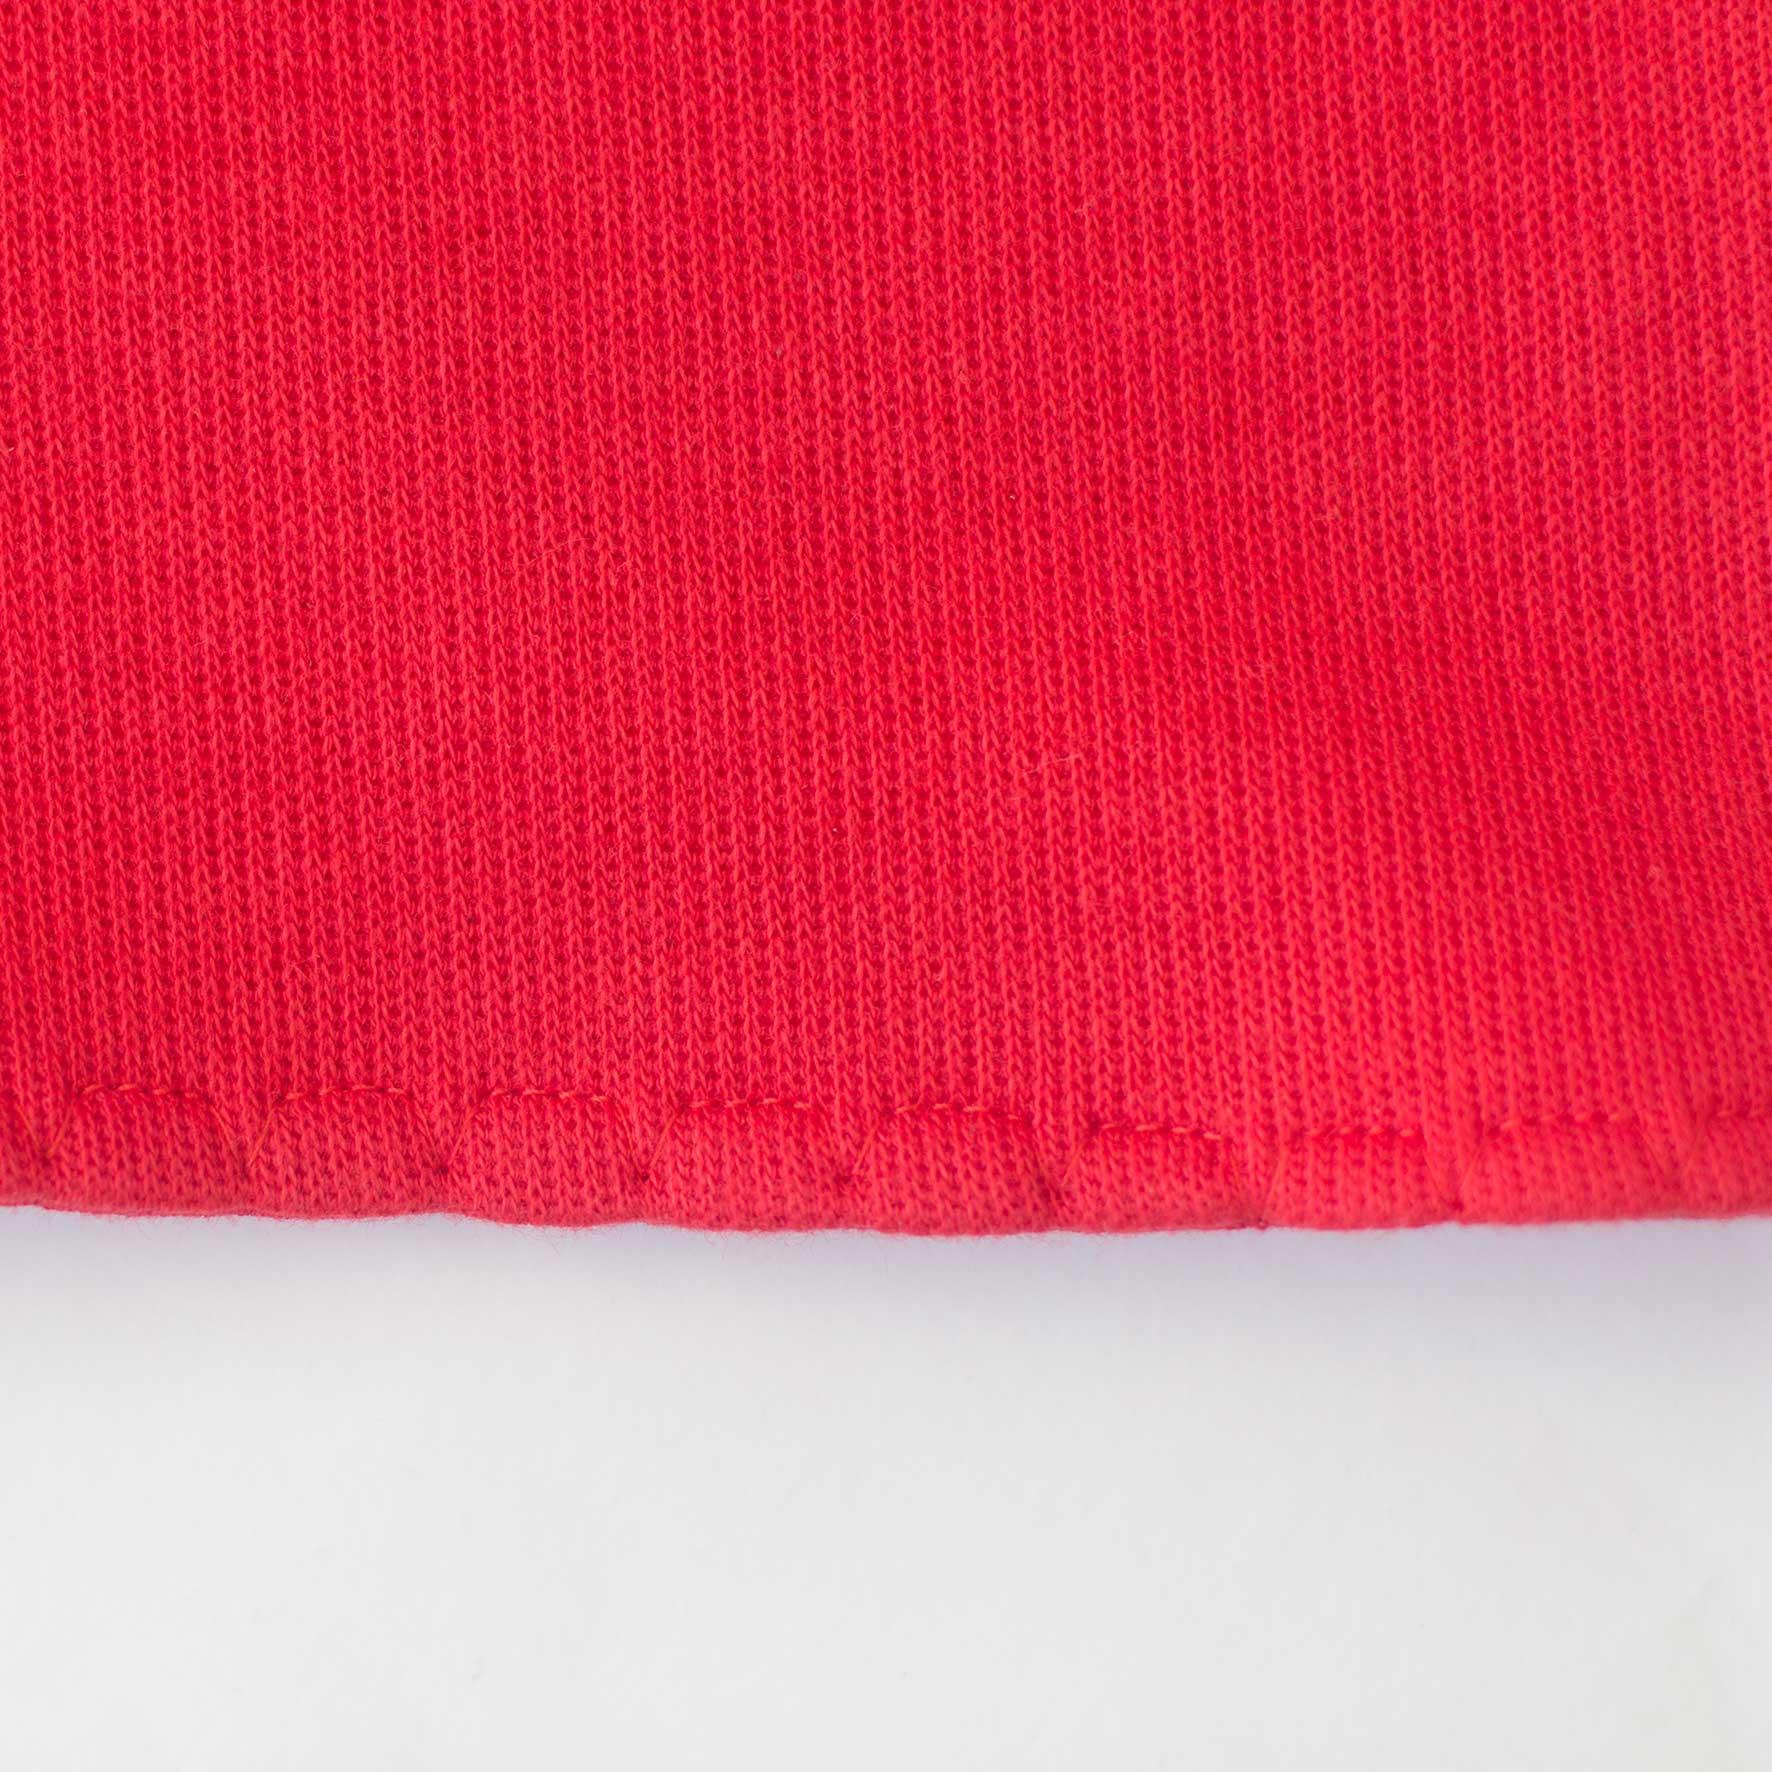 Manta Petit - Tricotil Vermelha